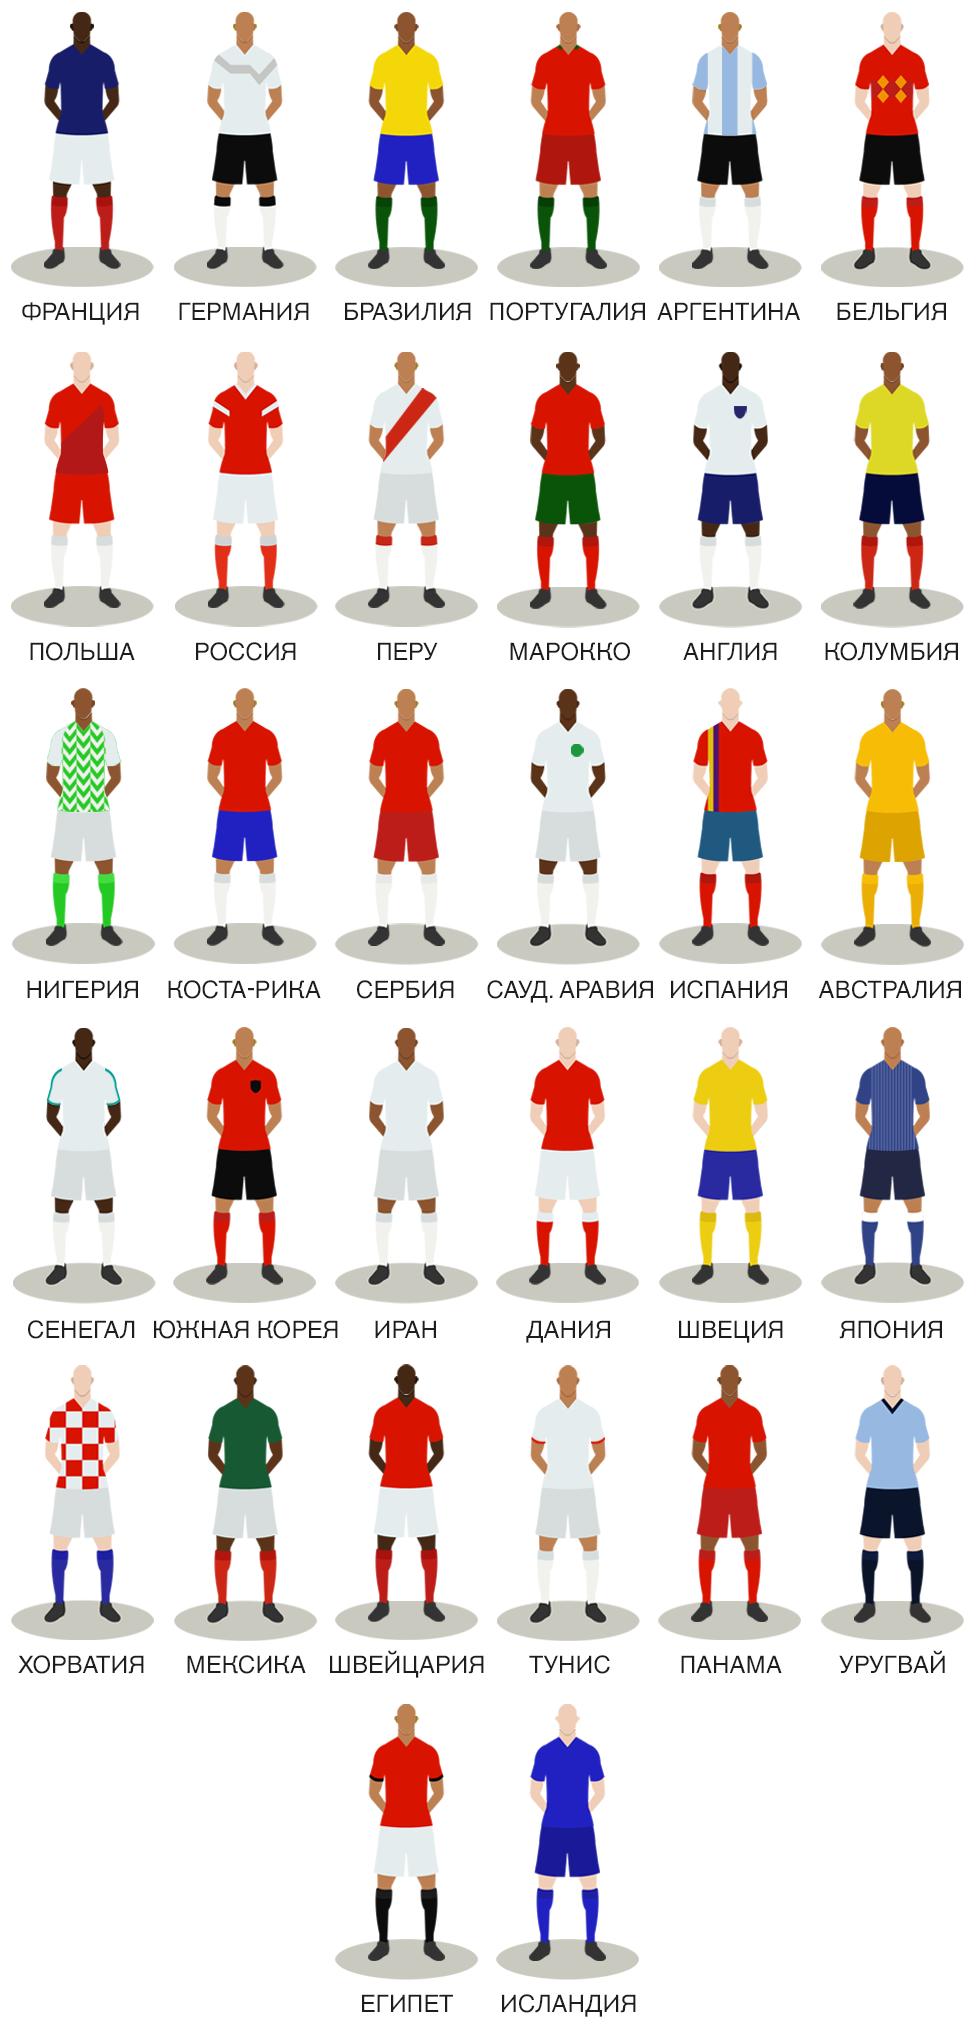 32 участника чемпионата мира: Франция, Германия, Бразилия, Португалия, Аргентина, Бельгия, Польша, Россия, Перу, Марокко, Англия, Колумбия, Нигерия, Коста-Рика, Сербия, Саудовская Аравия, Испания, Австралия, Сенегал, Южная Корея, Иран, Дания, Швеция, Япония, Хорватия, Мексика, Швейцария, Тунис, Панама, Уругвай, Египет, Исландия